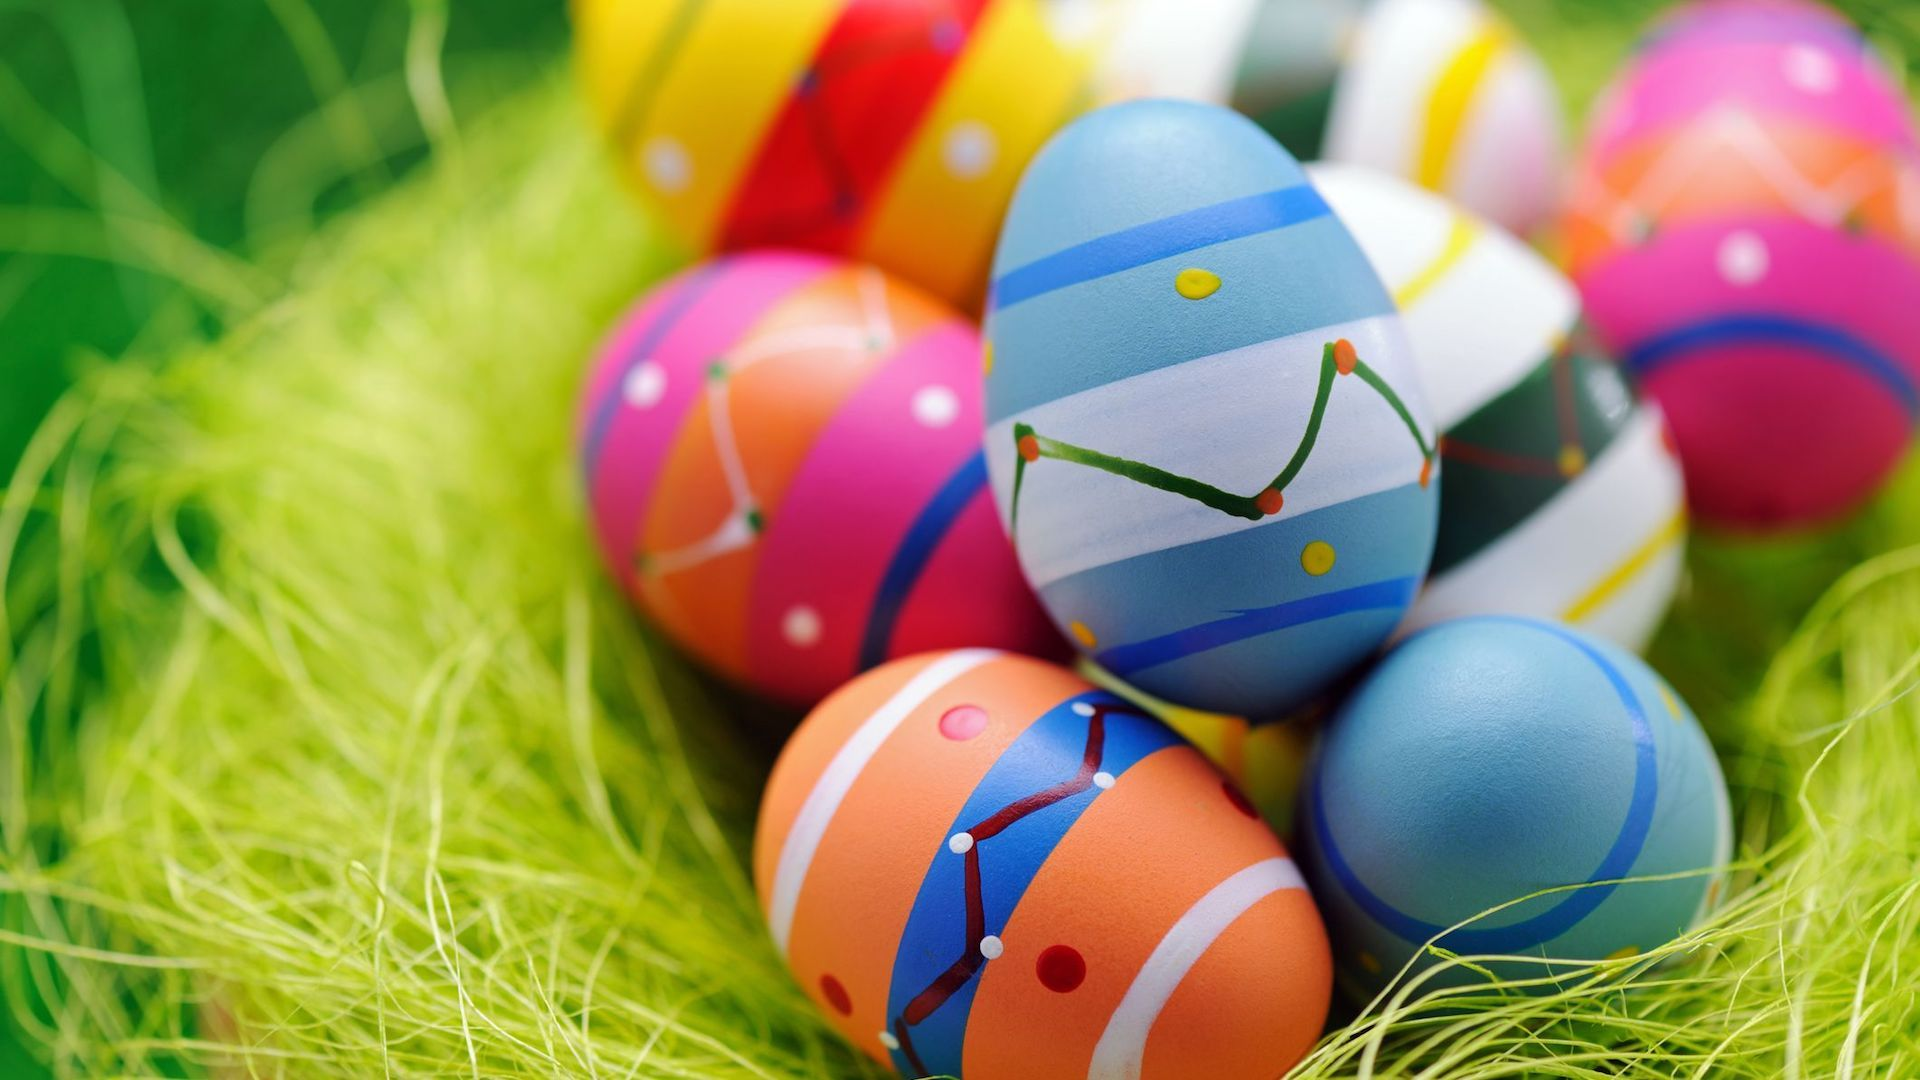 Semana Santa: ¿Cuáles son las tradiciones de pascuas en distintos destinos del mundo?